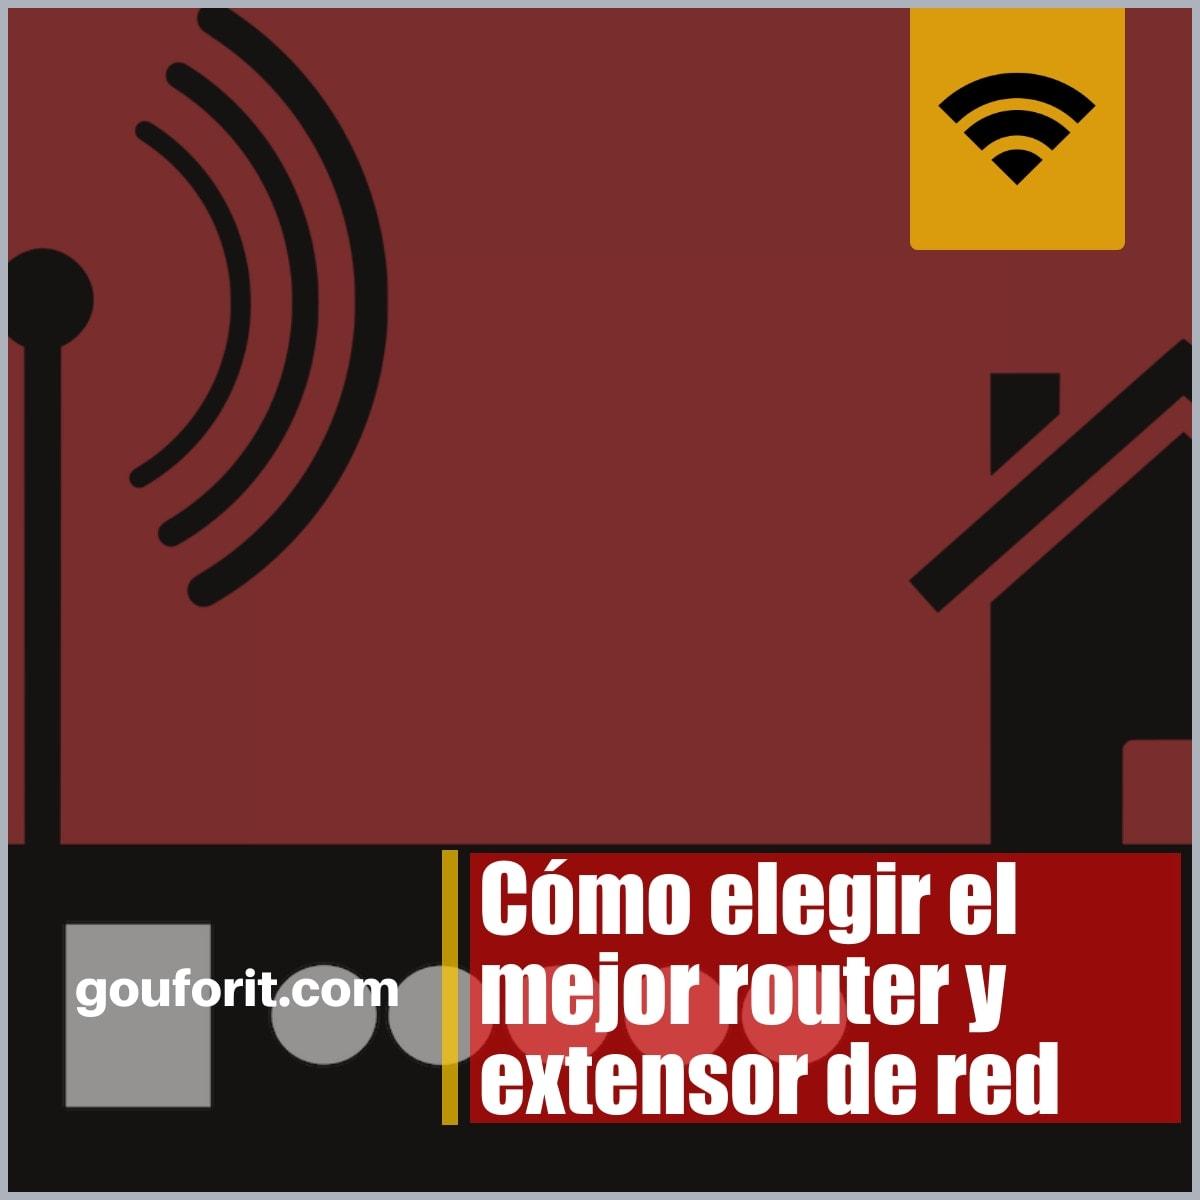 Comprando el mejor router o extensores de red para mejorar la conectividad de la red inalámbrica en tu casa